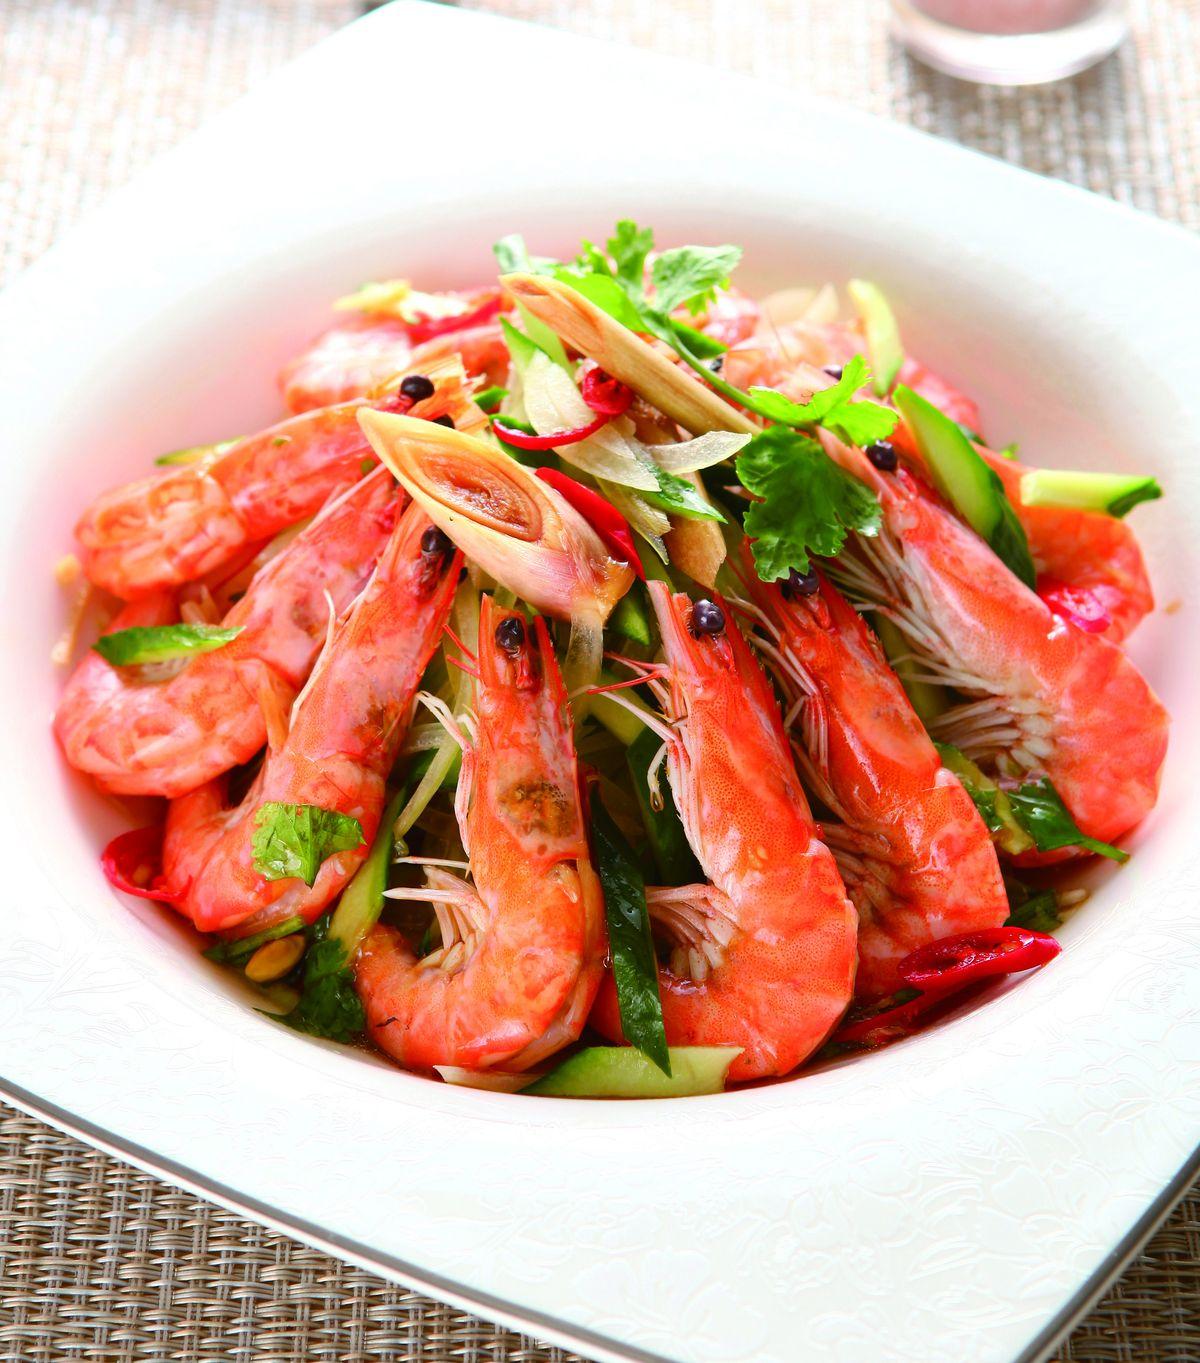 食譜:泰式酸辣蝦